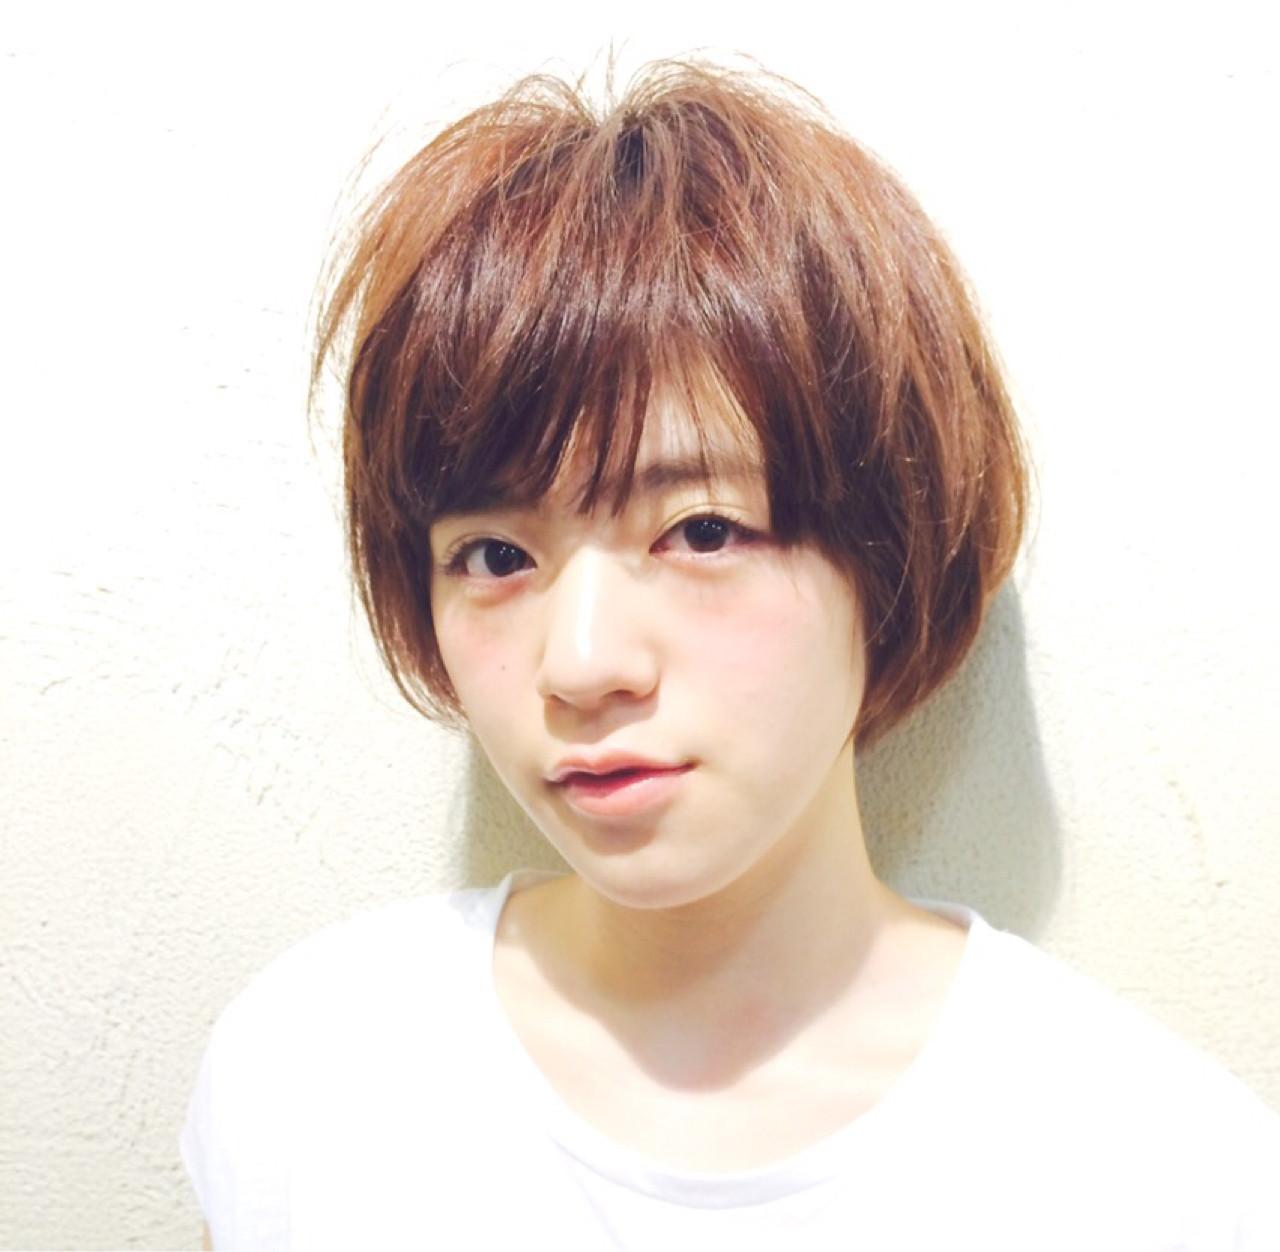 最新トレンドカラー「ピンクグレージュ」で透明感抜群の艶髪を手に入れる♡ 増永 剛大/Un ami